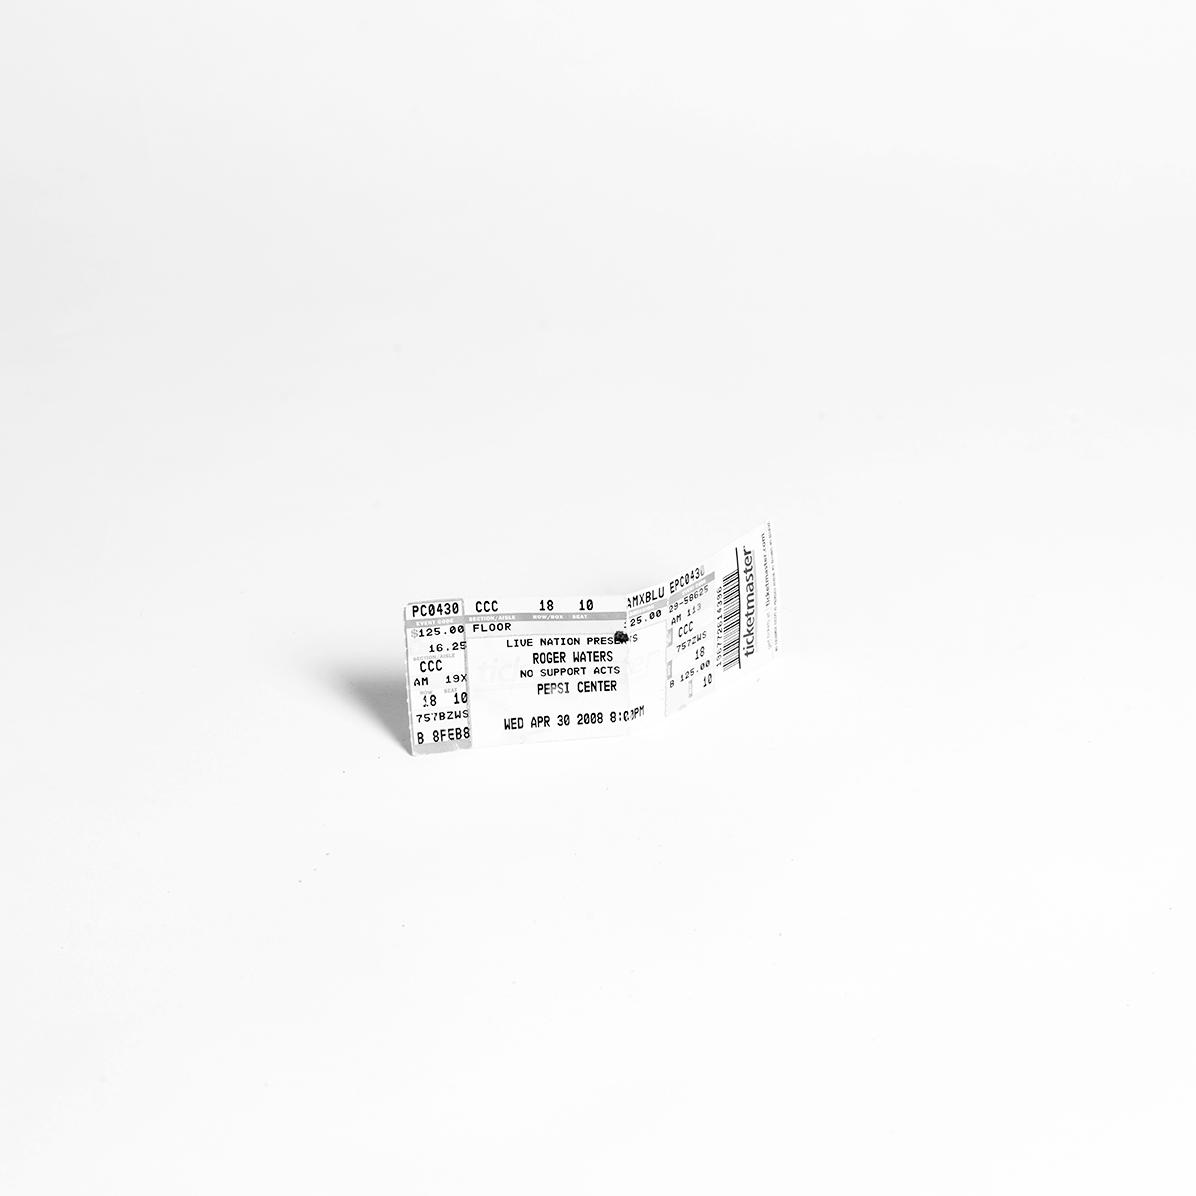 concertticket copy.jpg